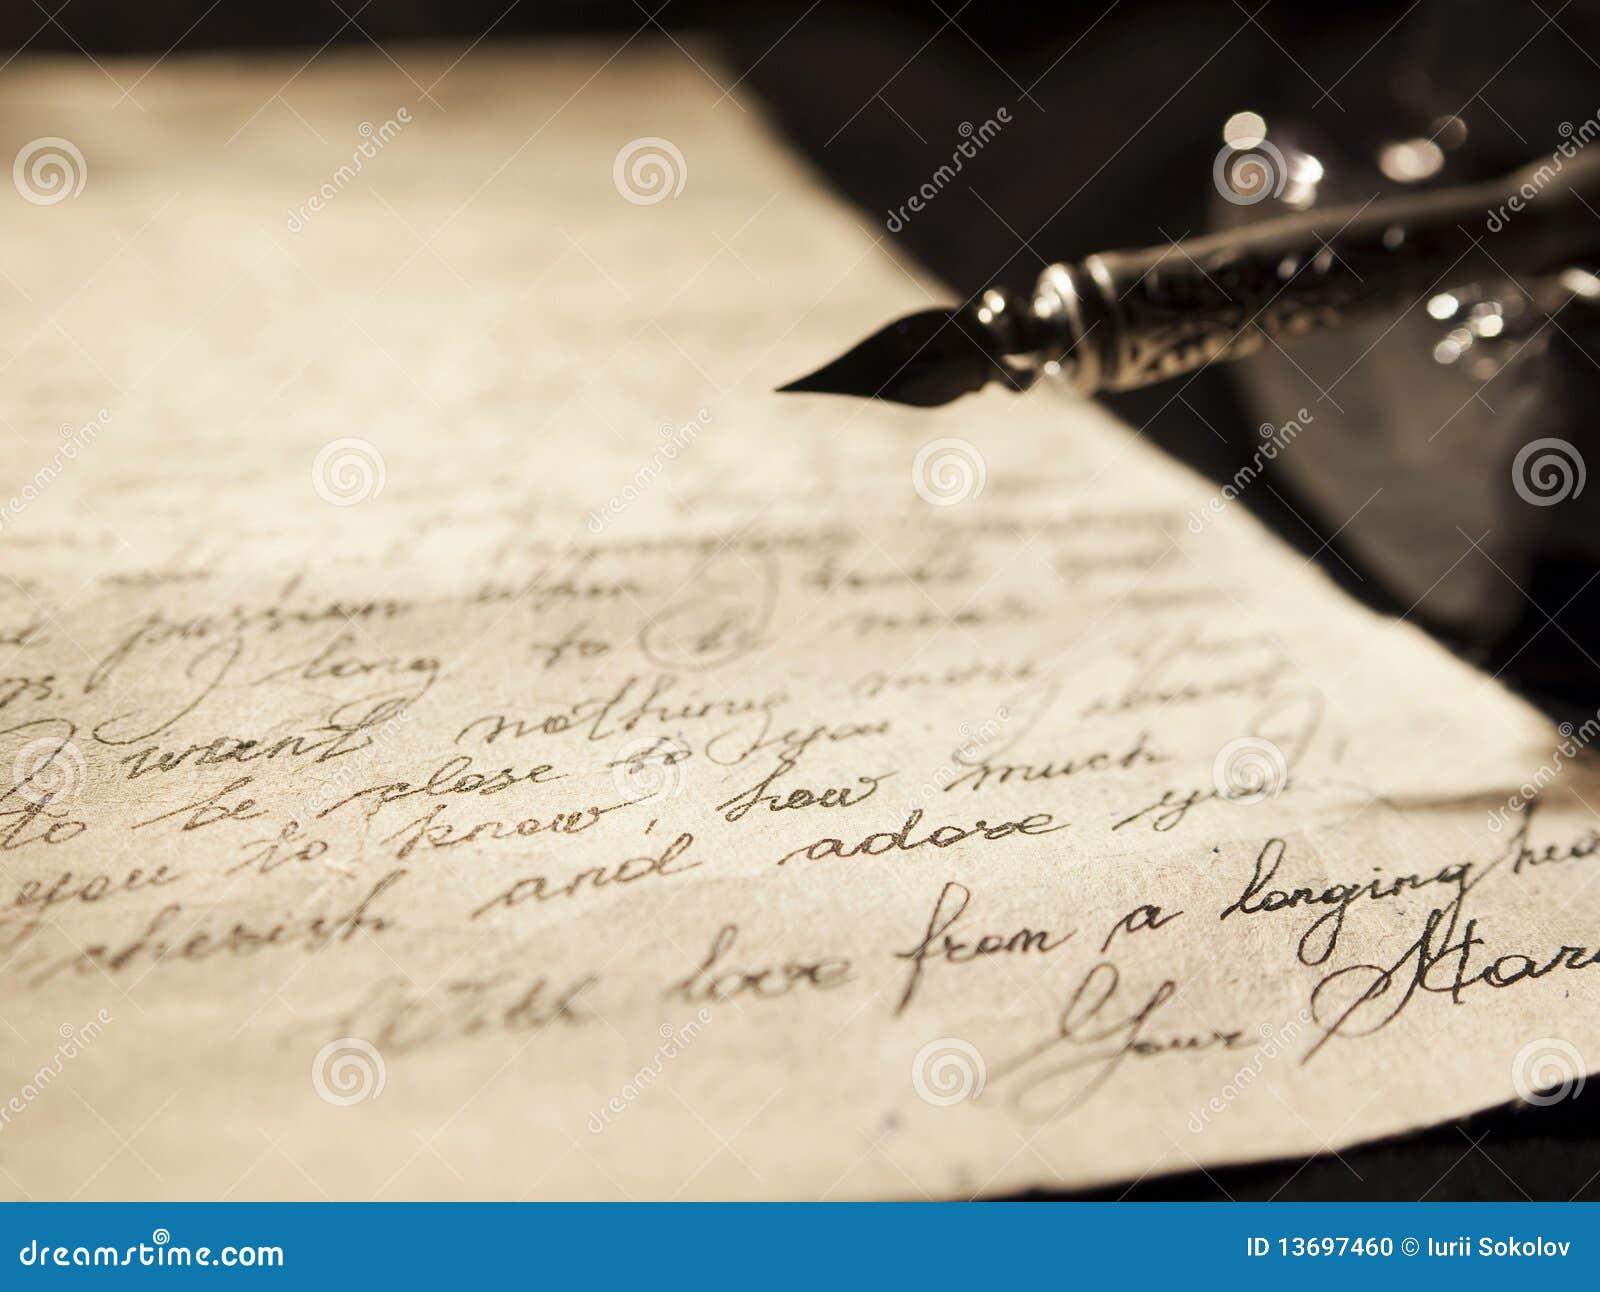 Vieille lettre d'amour photo stock. Image du amour, lettre - 13697460